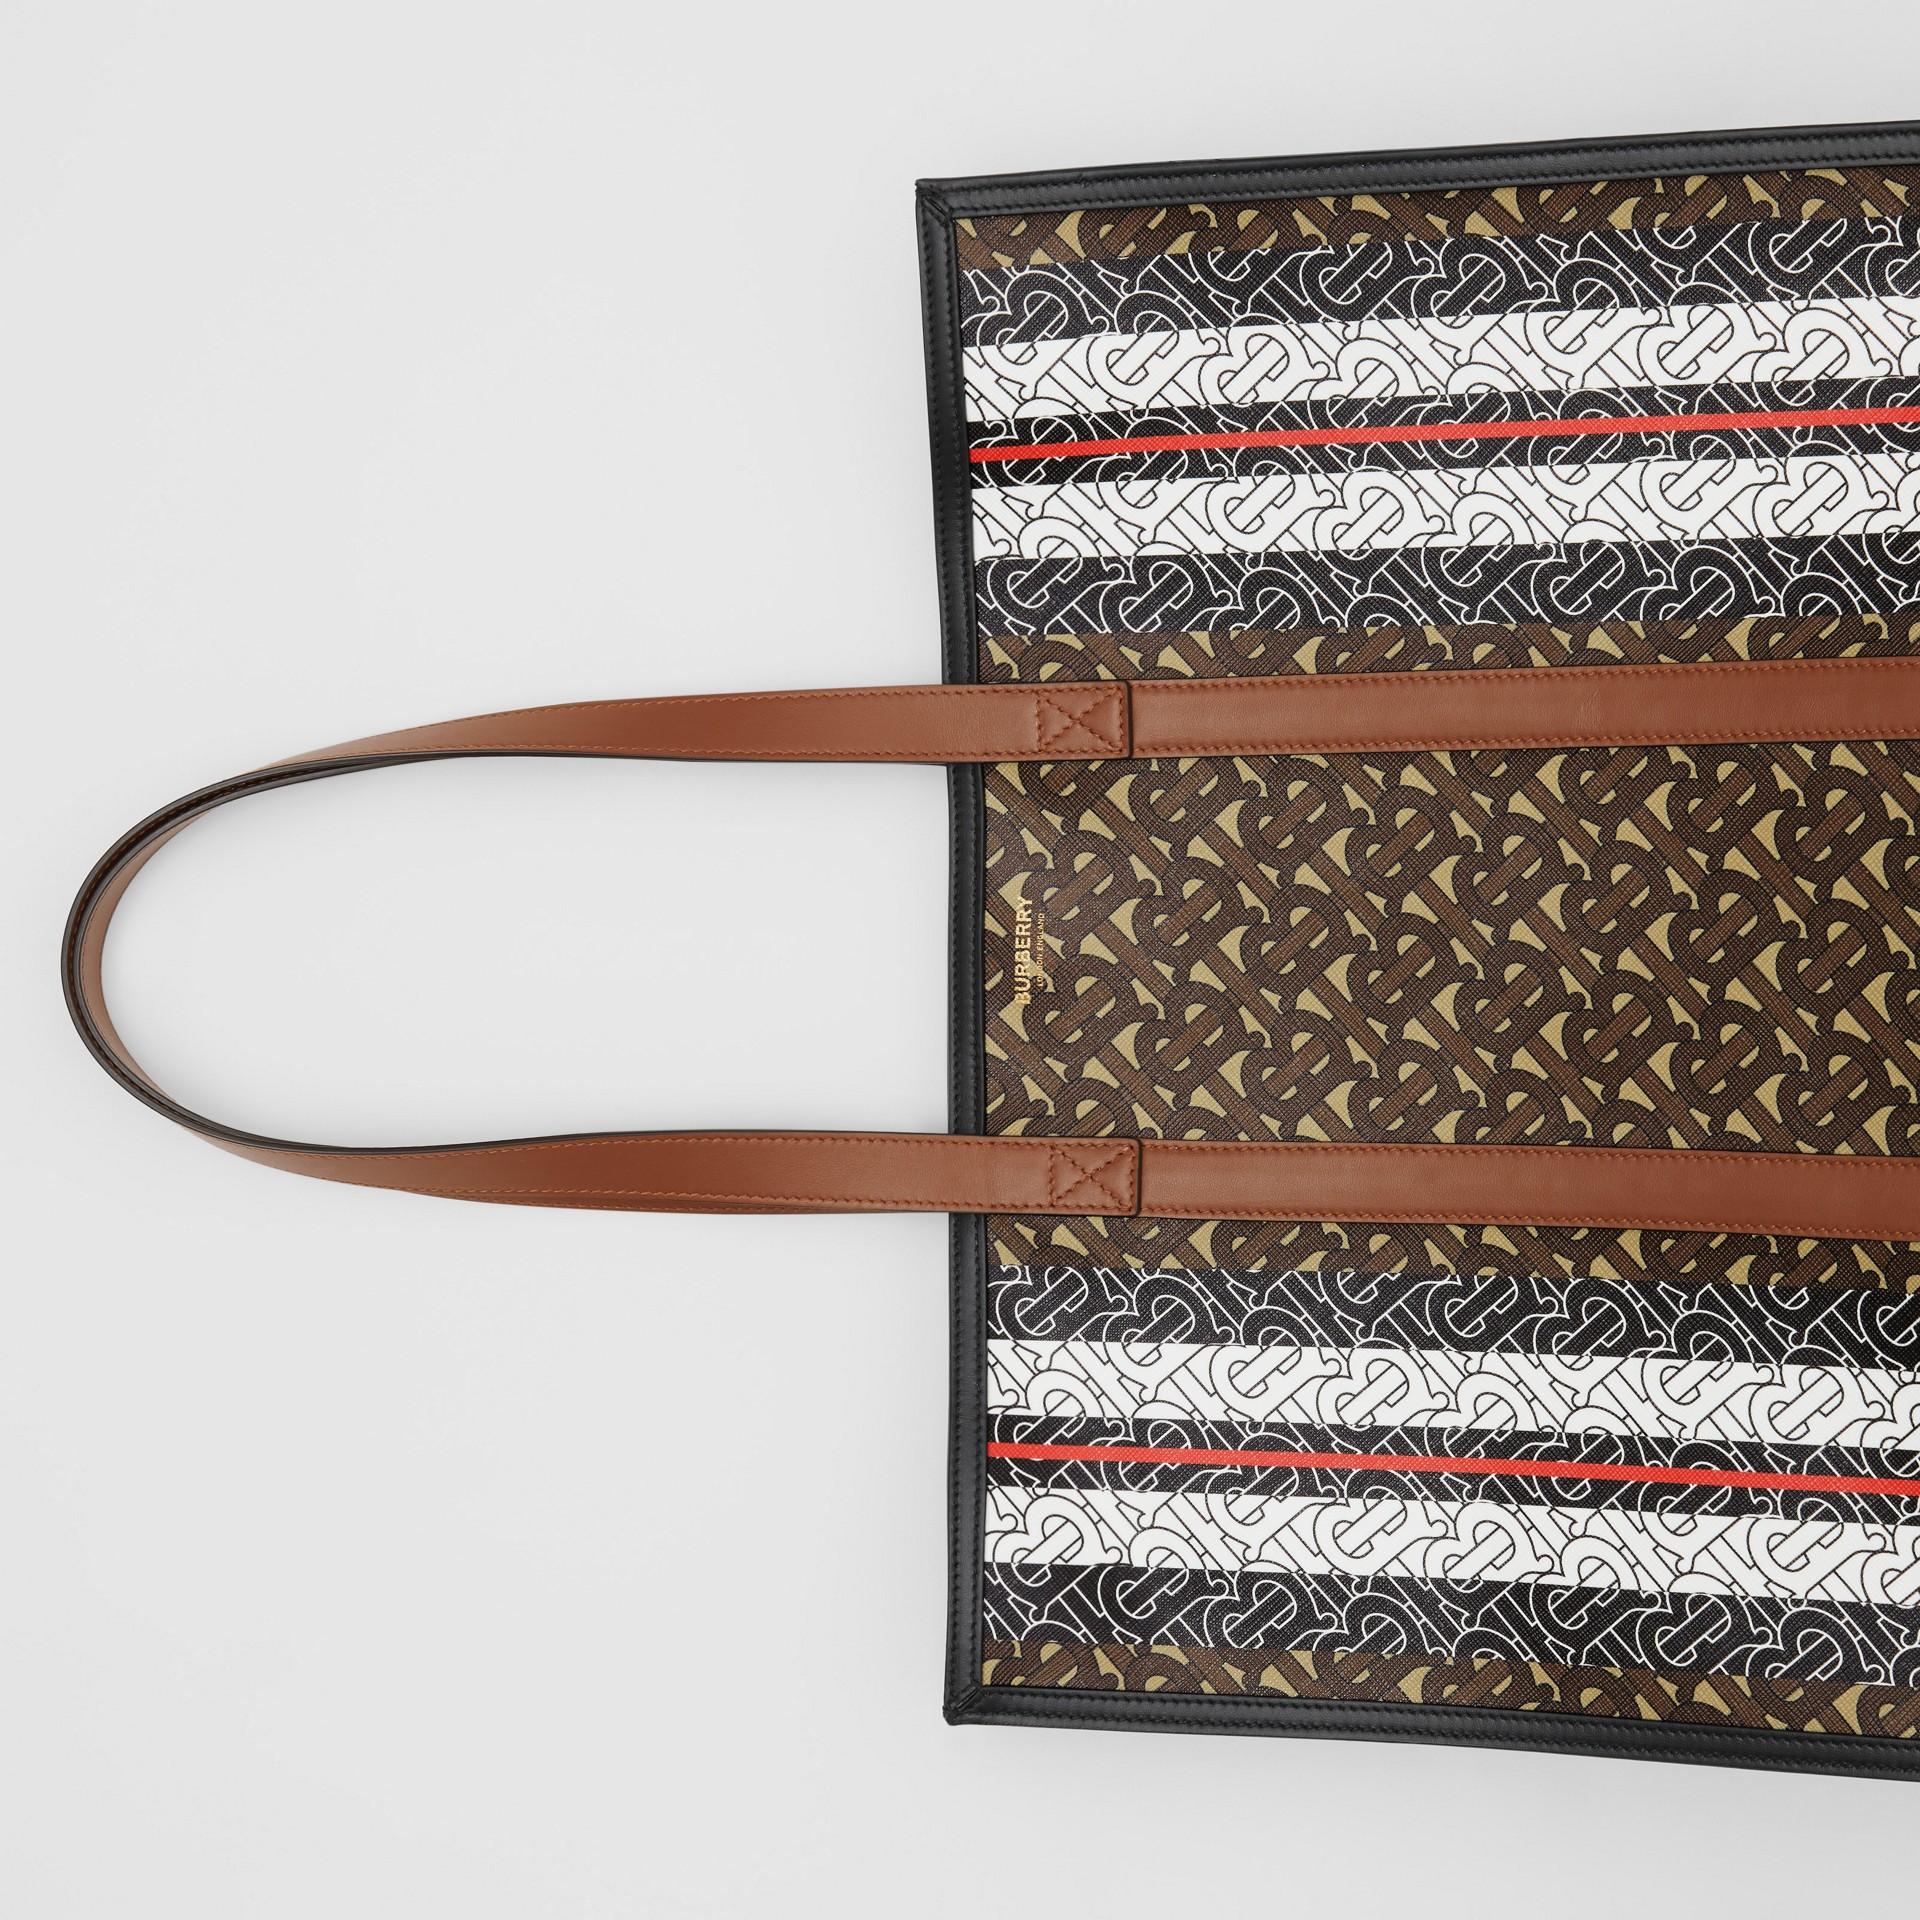 Сумка-тоут из ткани e-canvas в полоску с монограммой (Темно-коричневый) | Burberry - изображение 10